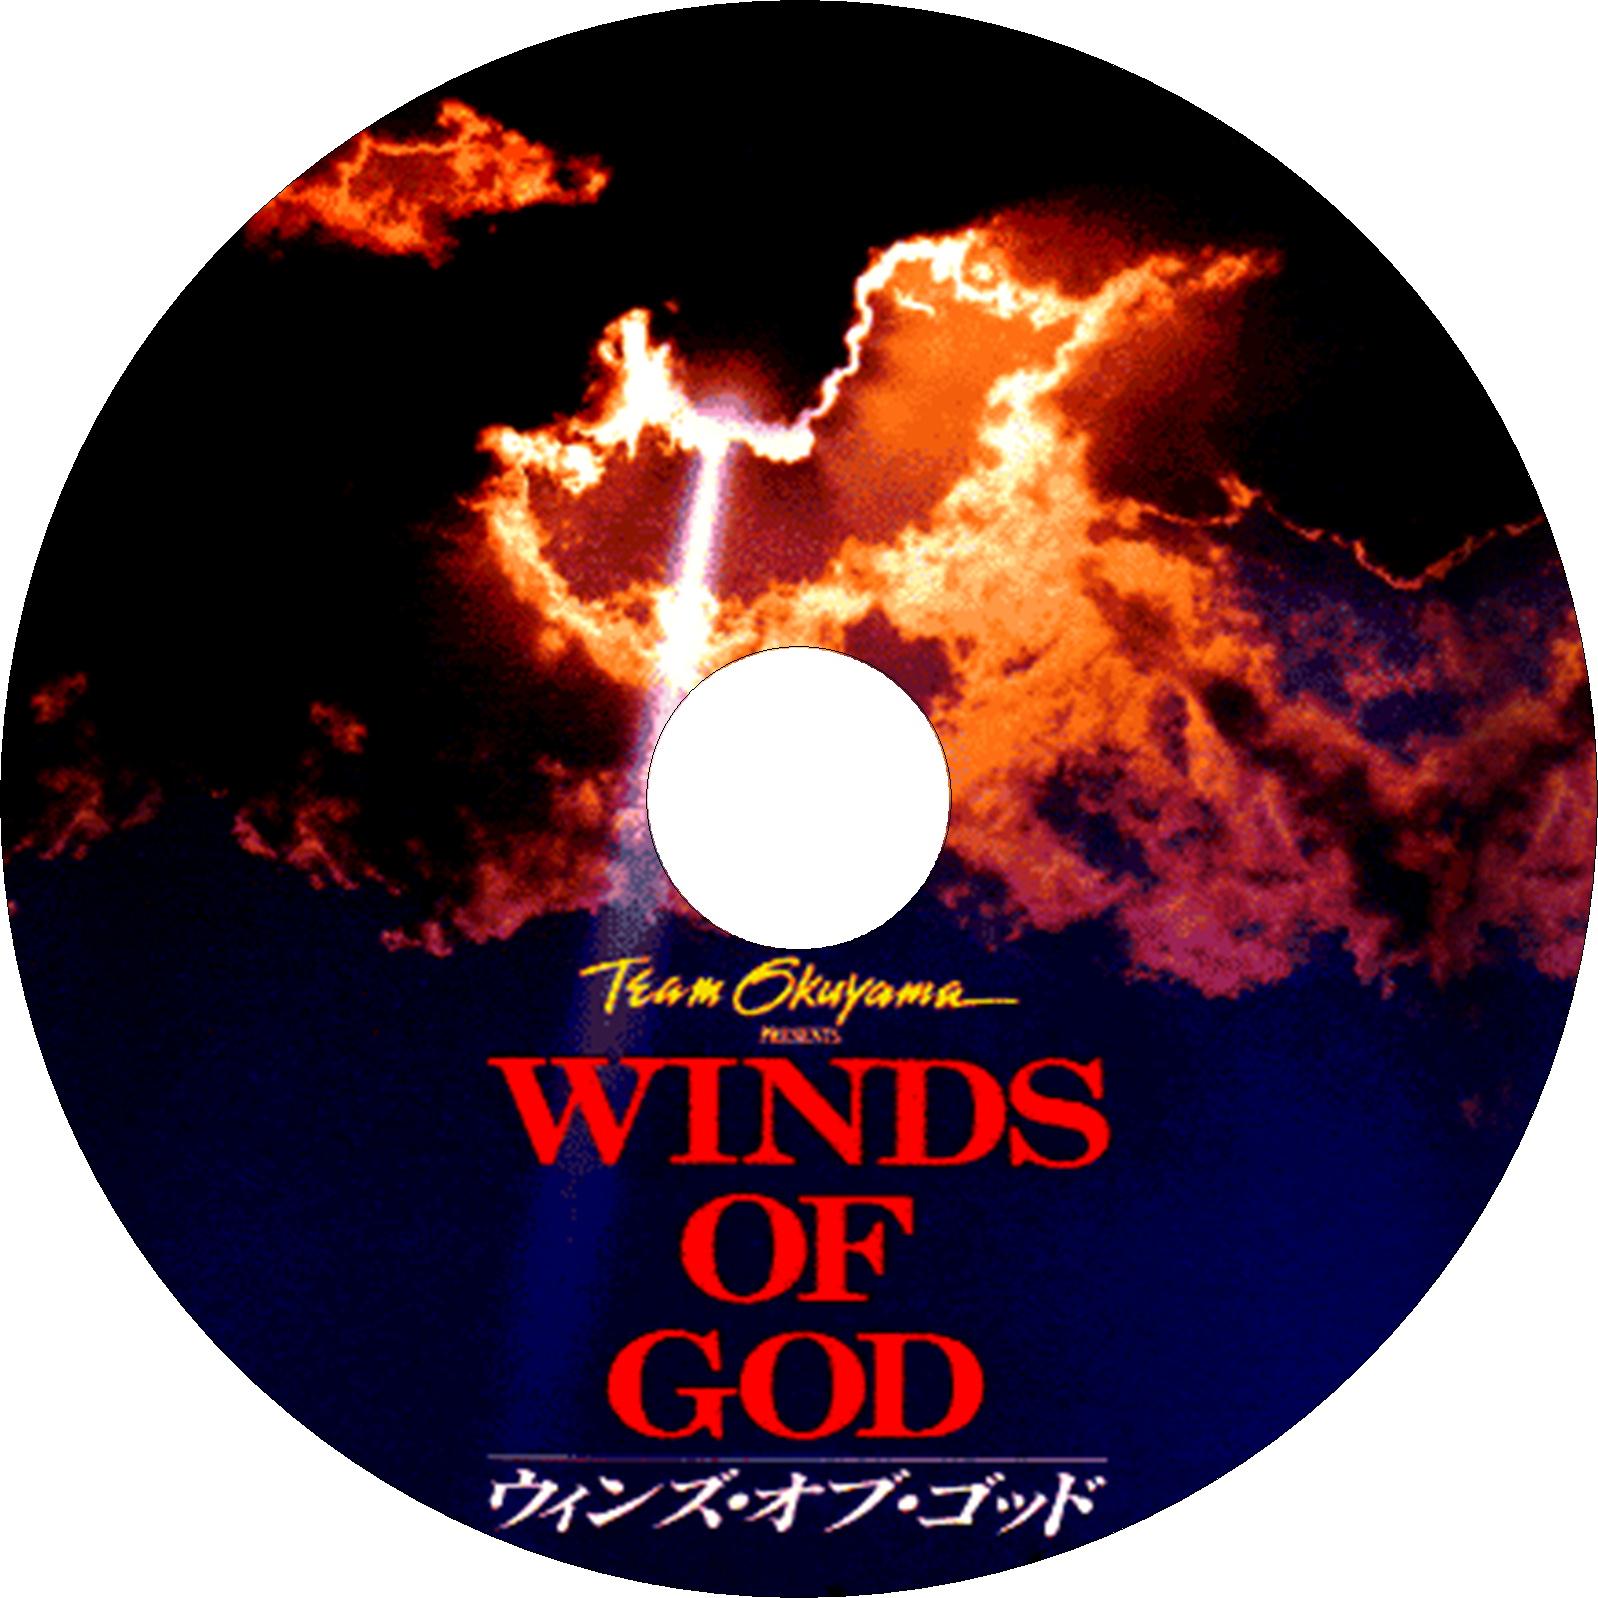 WINDS OF GOD ラベル